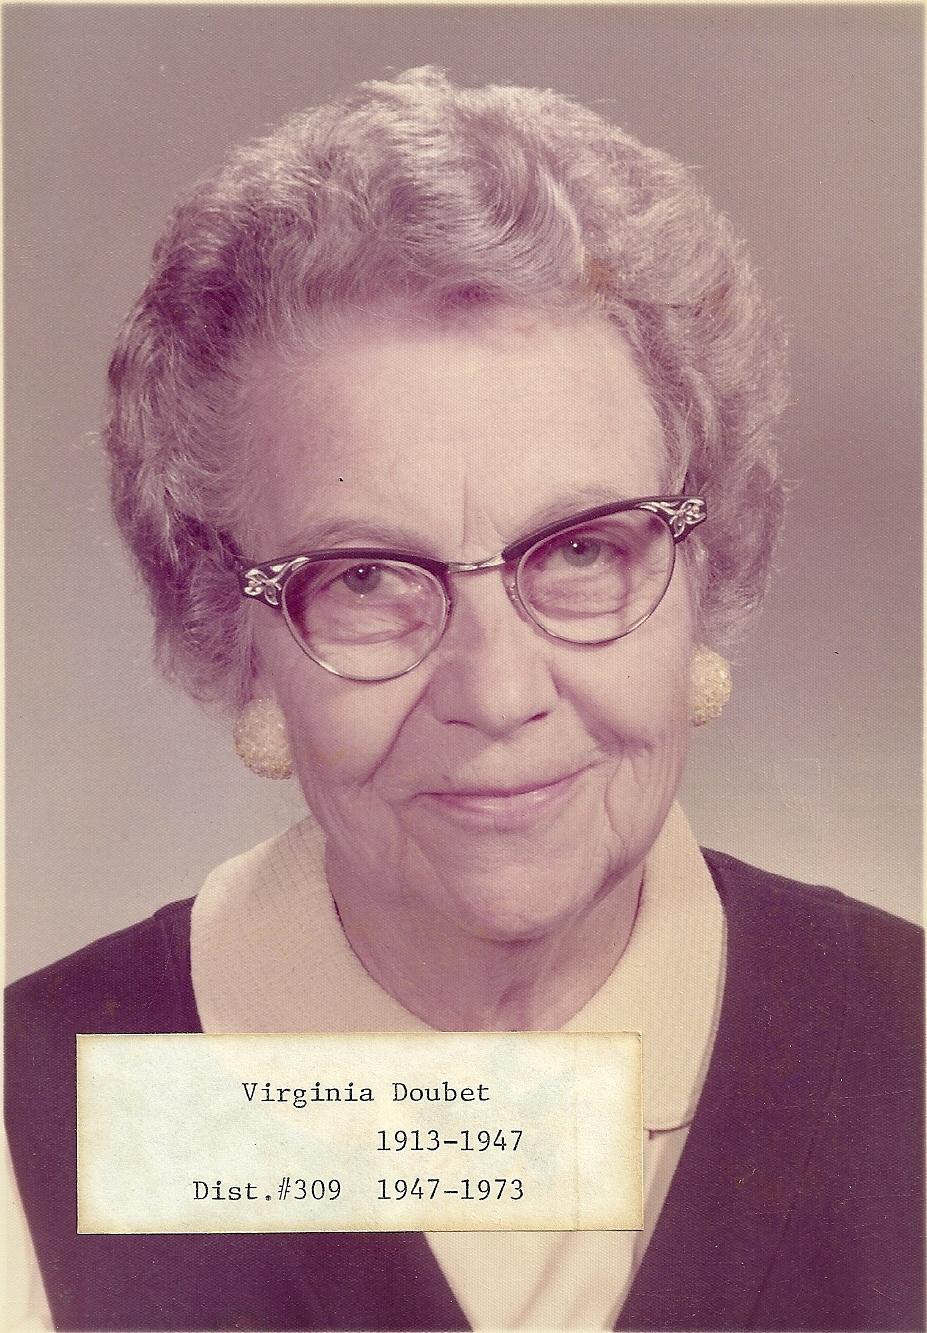 Virginia Doubet